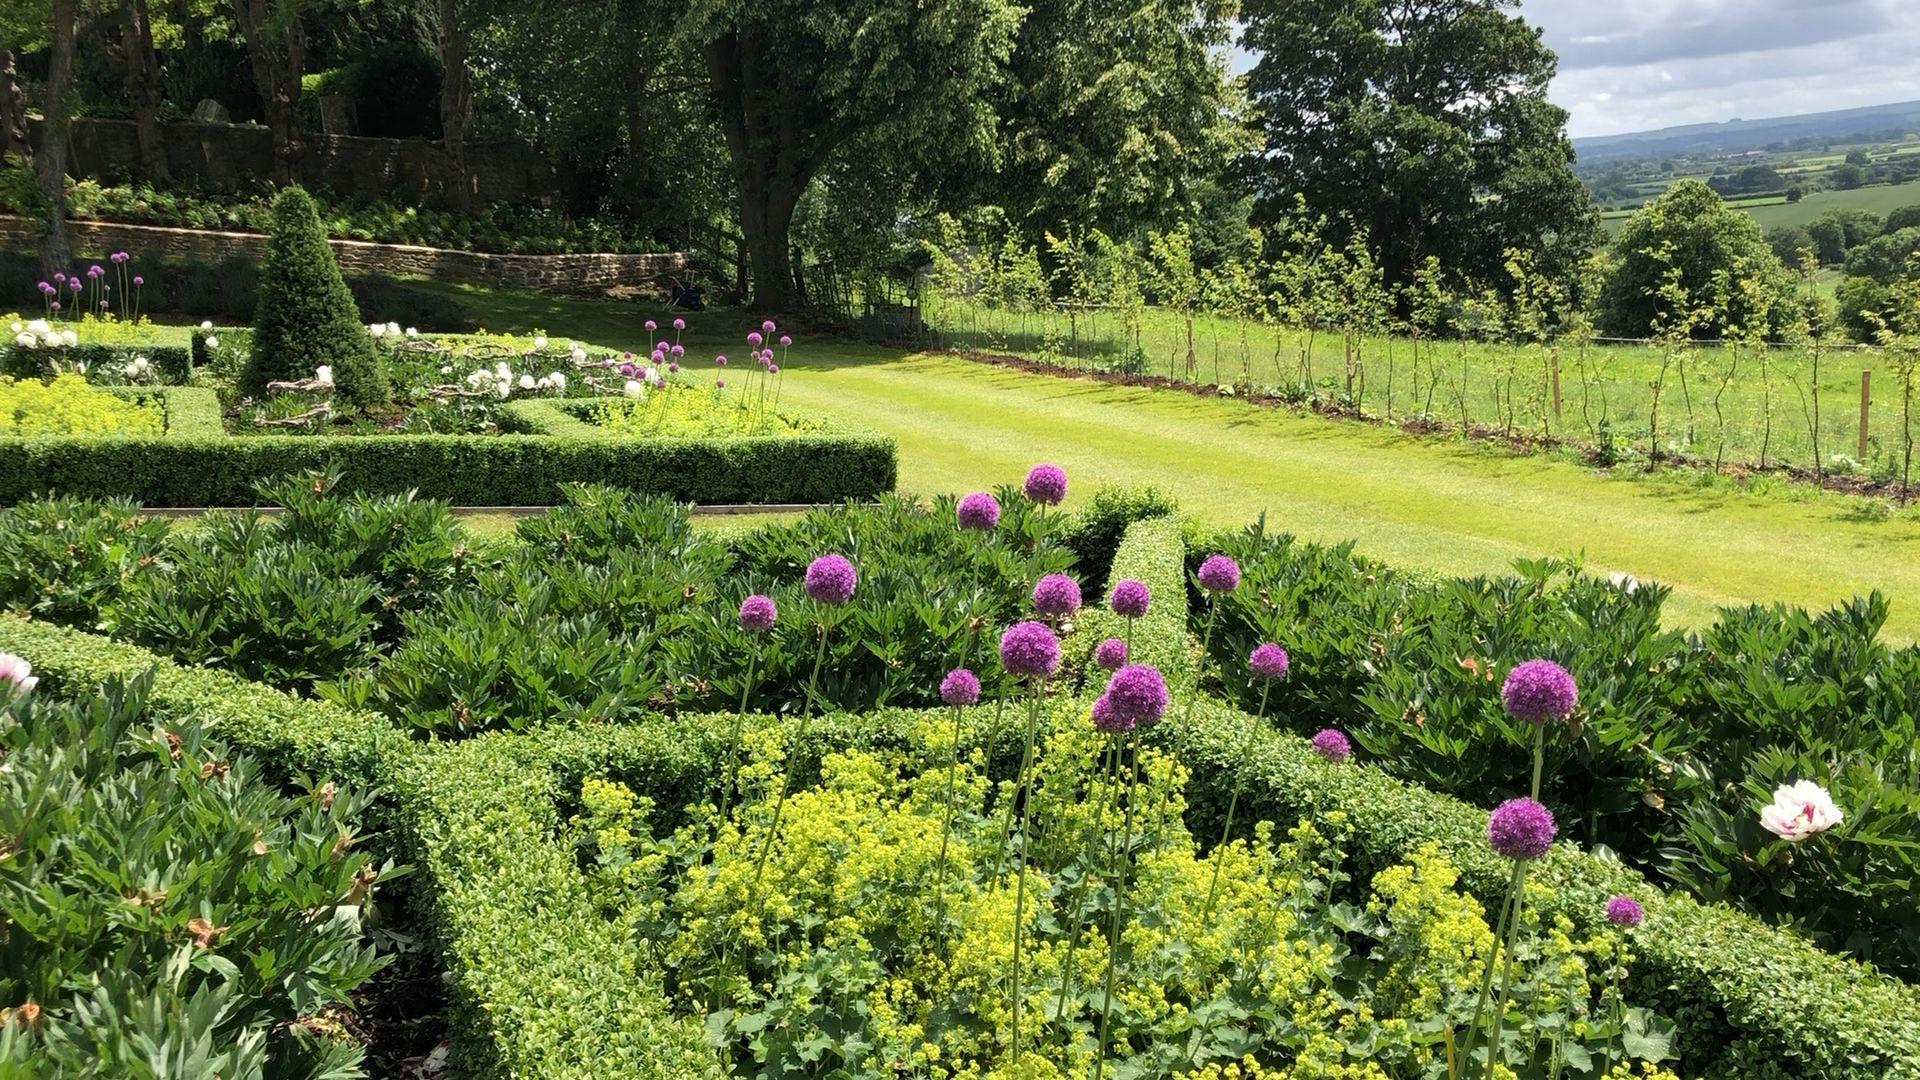 Allium Dance Allium Dance Gartengestaltungbeeteinfassung In 2020 Abschussiger Garten Garten Landschaftsbau Garten Grundriss